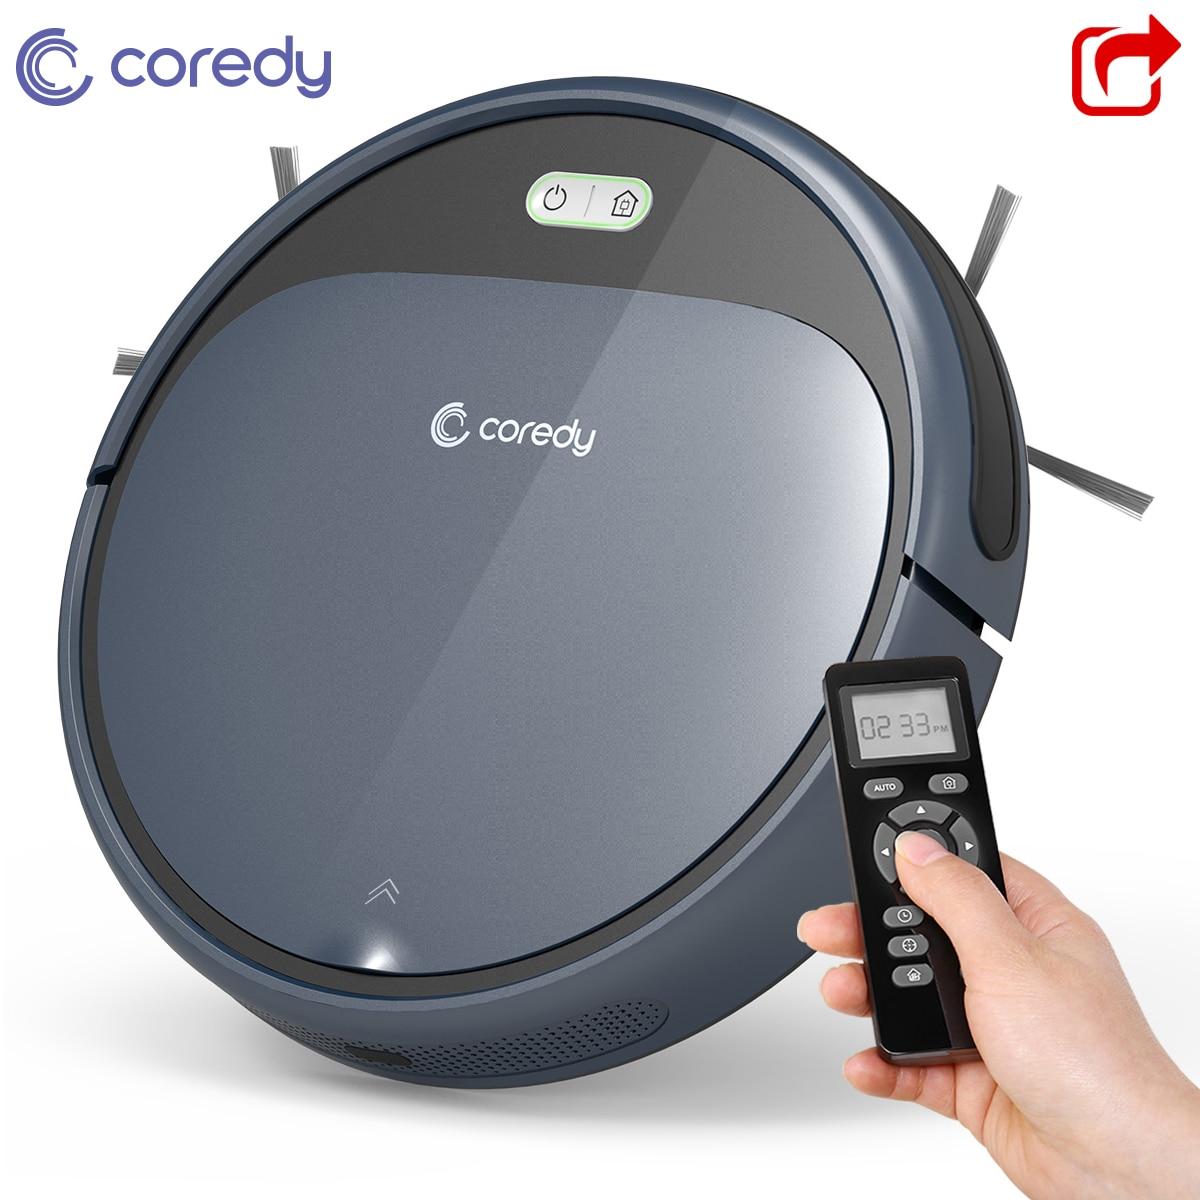 Горячая Coredy R300 1400 PA робот пылесос для напольных покрытий для чистки ковров перезаряжаемая, интеллектуальная Автоматический робот уборщик в